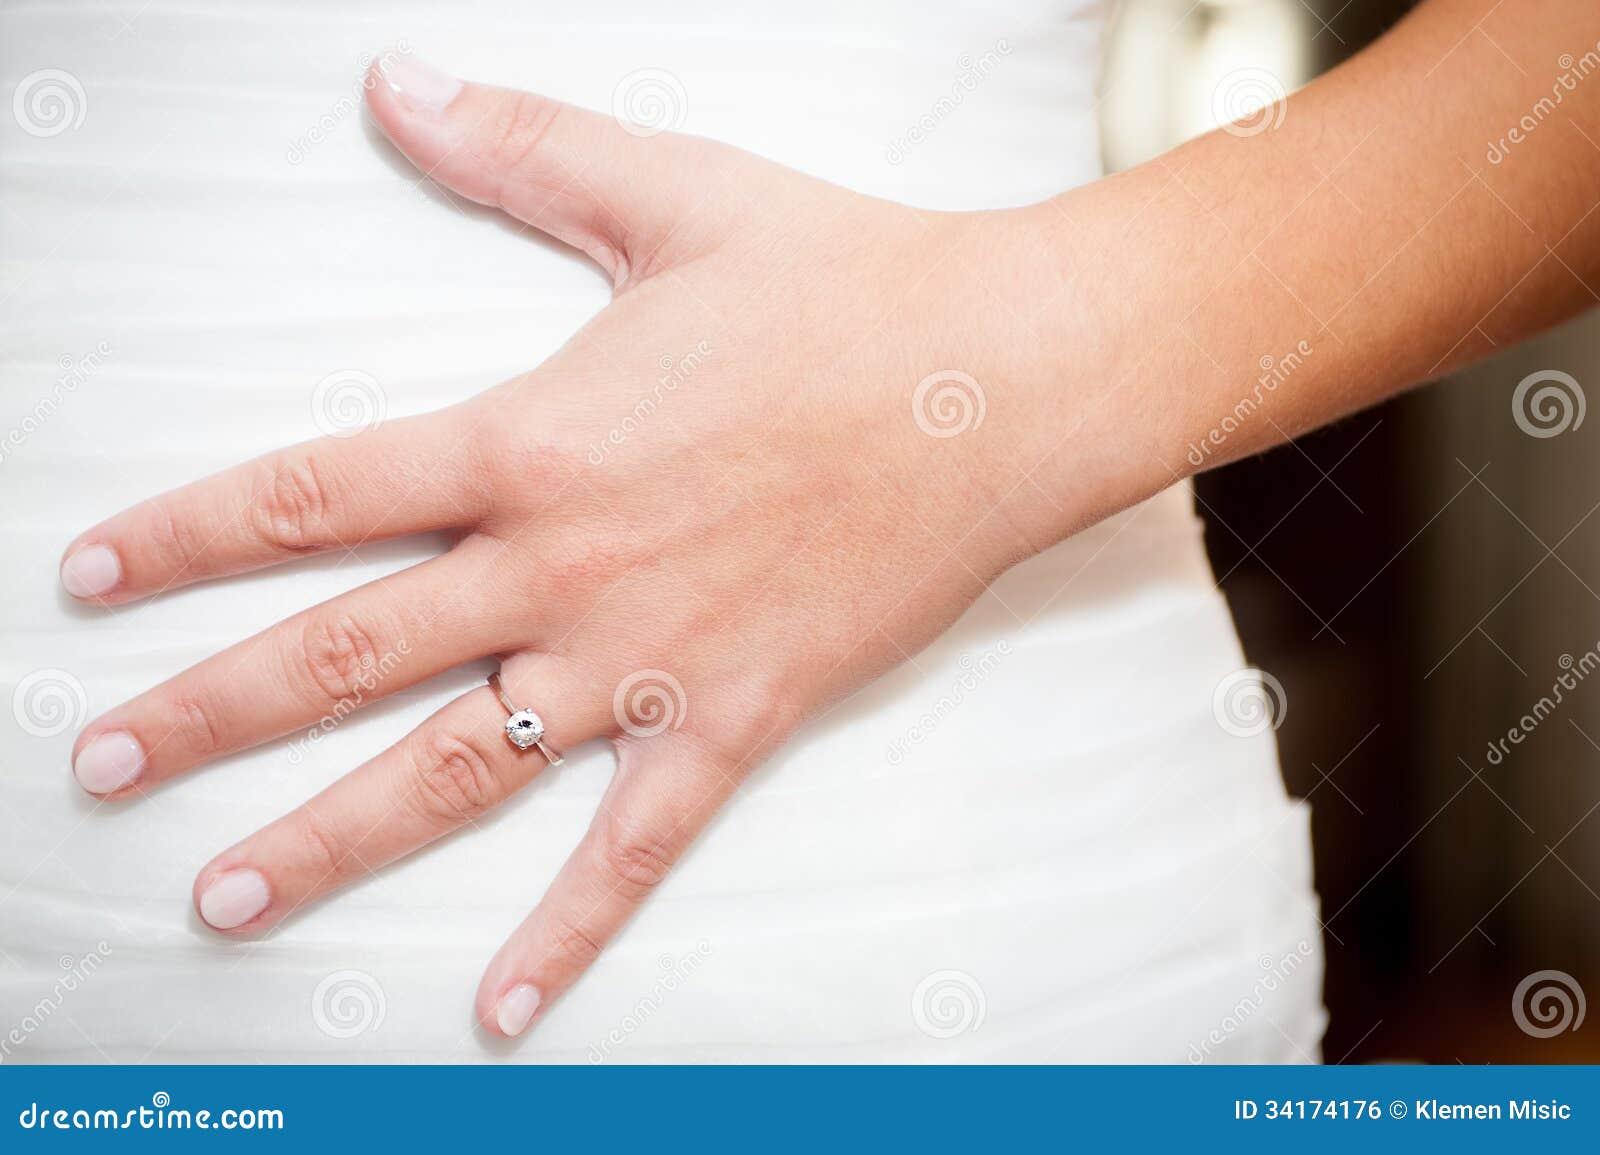 la-main-de-la-femme-avec-la-bague-de-fian%2525C3%2525A7ailles-sur-la ...